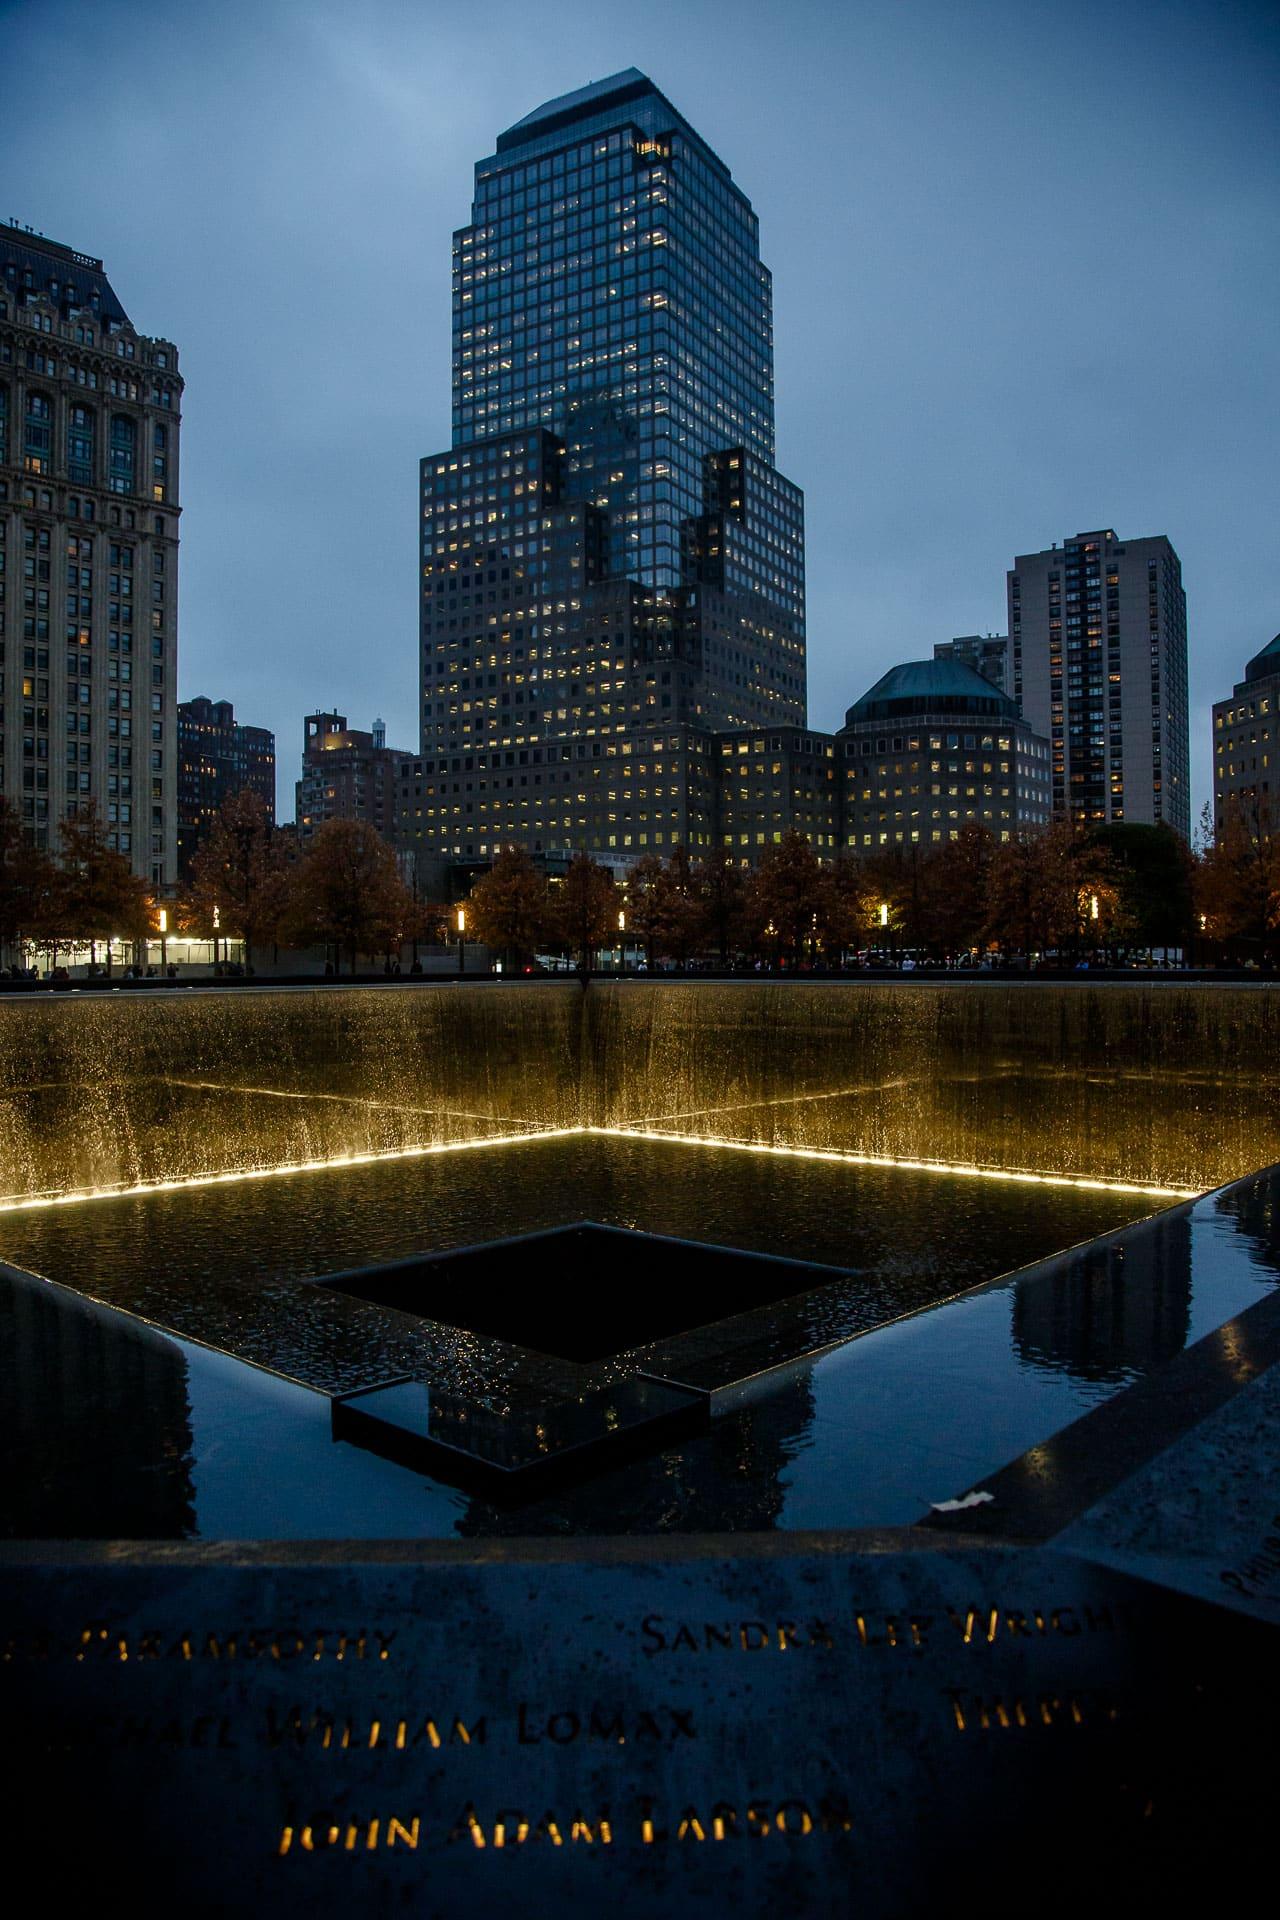 torres gemelas memorial 9-11